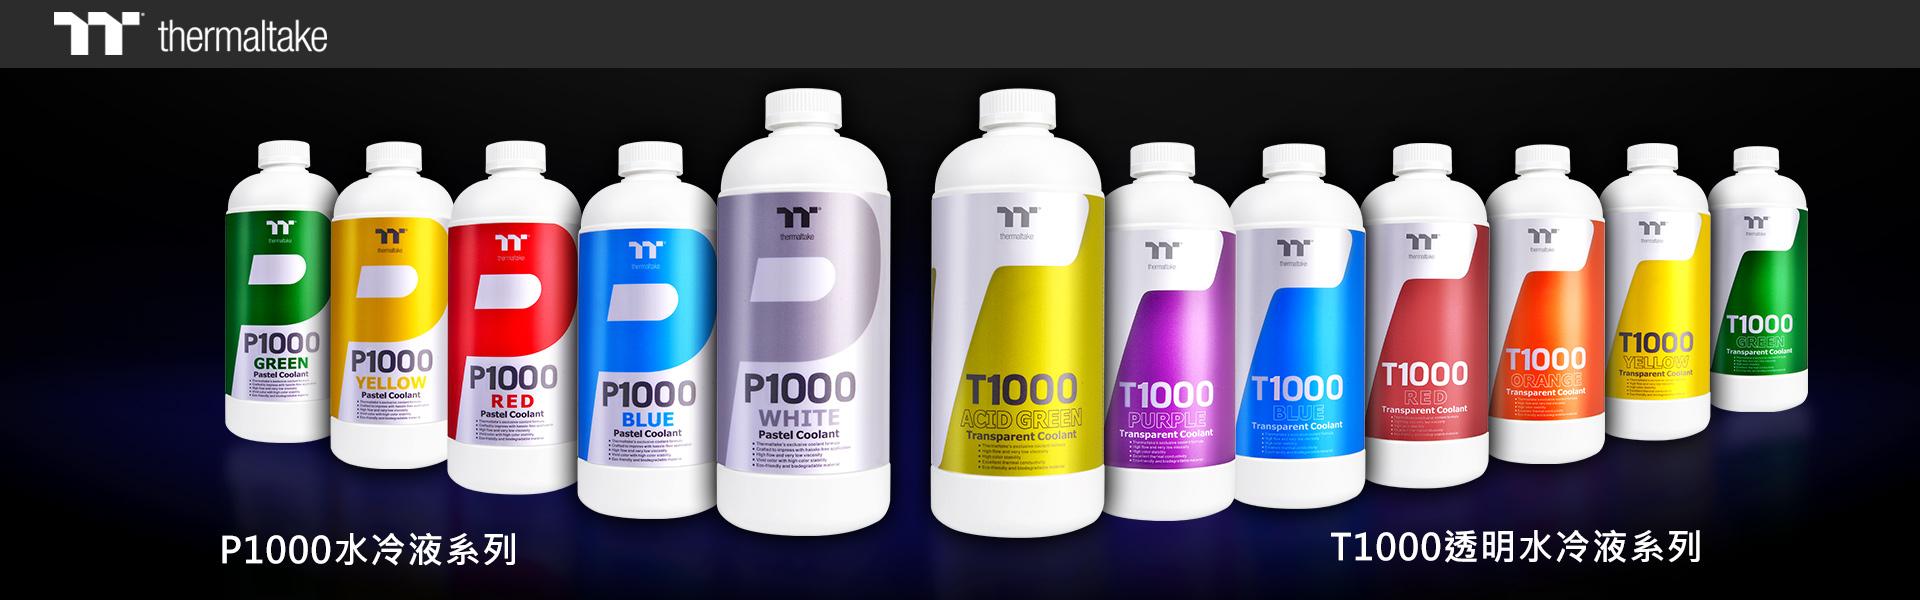 曜越P1000水冷液及T1000透明水冷液系列_1